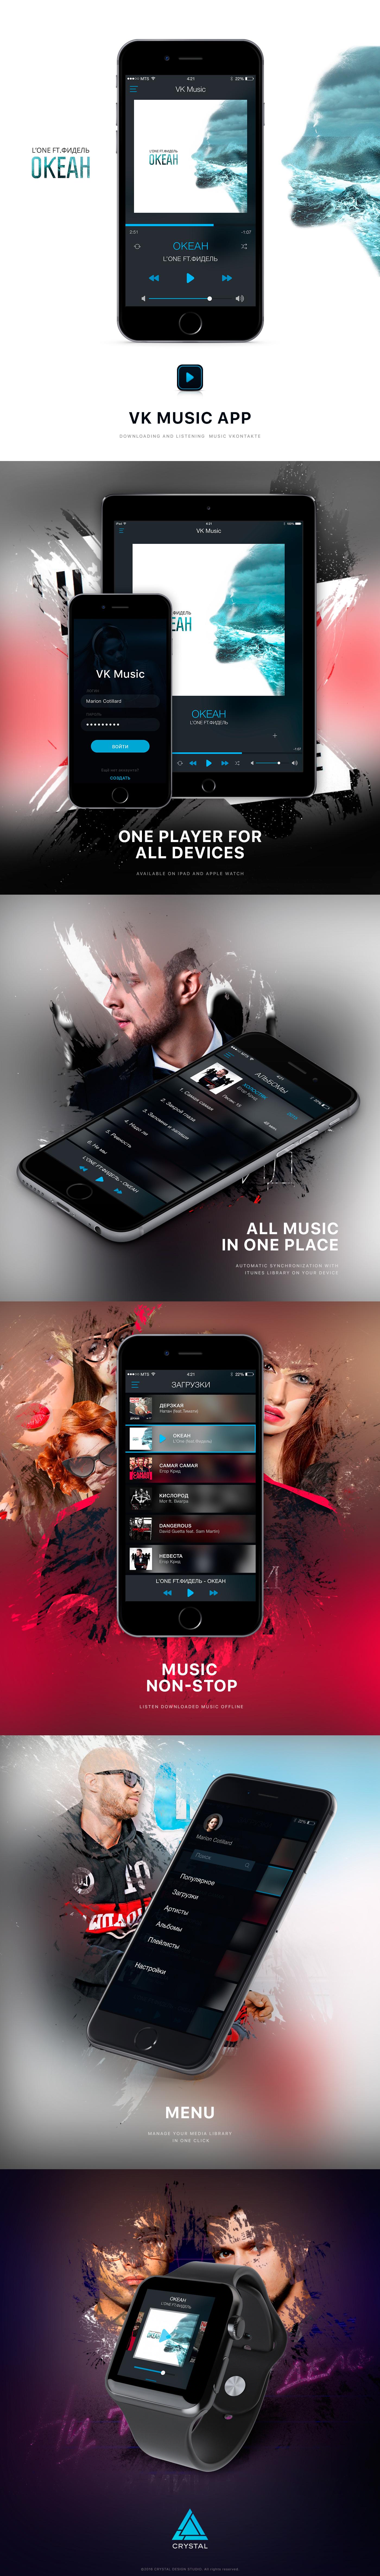 VK Music App on Behance